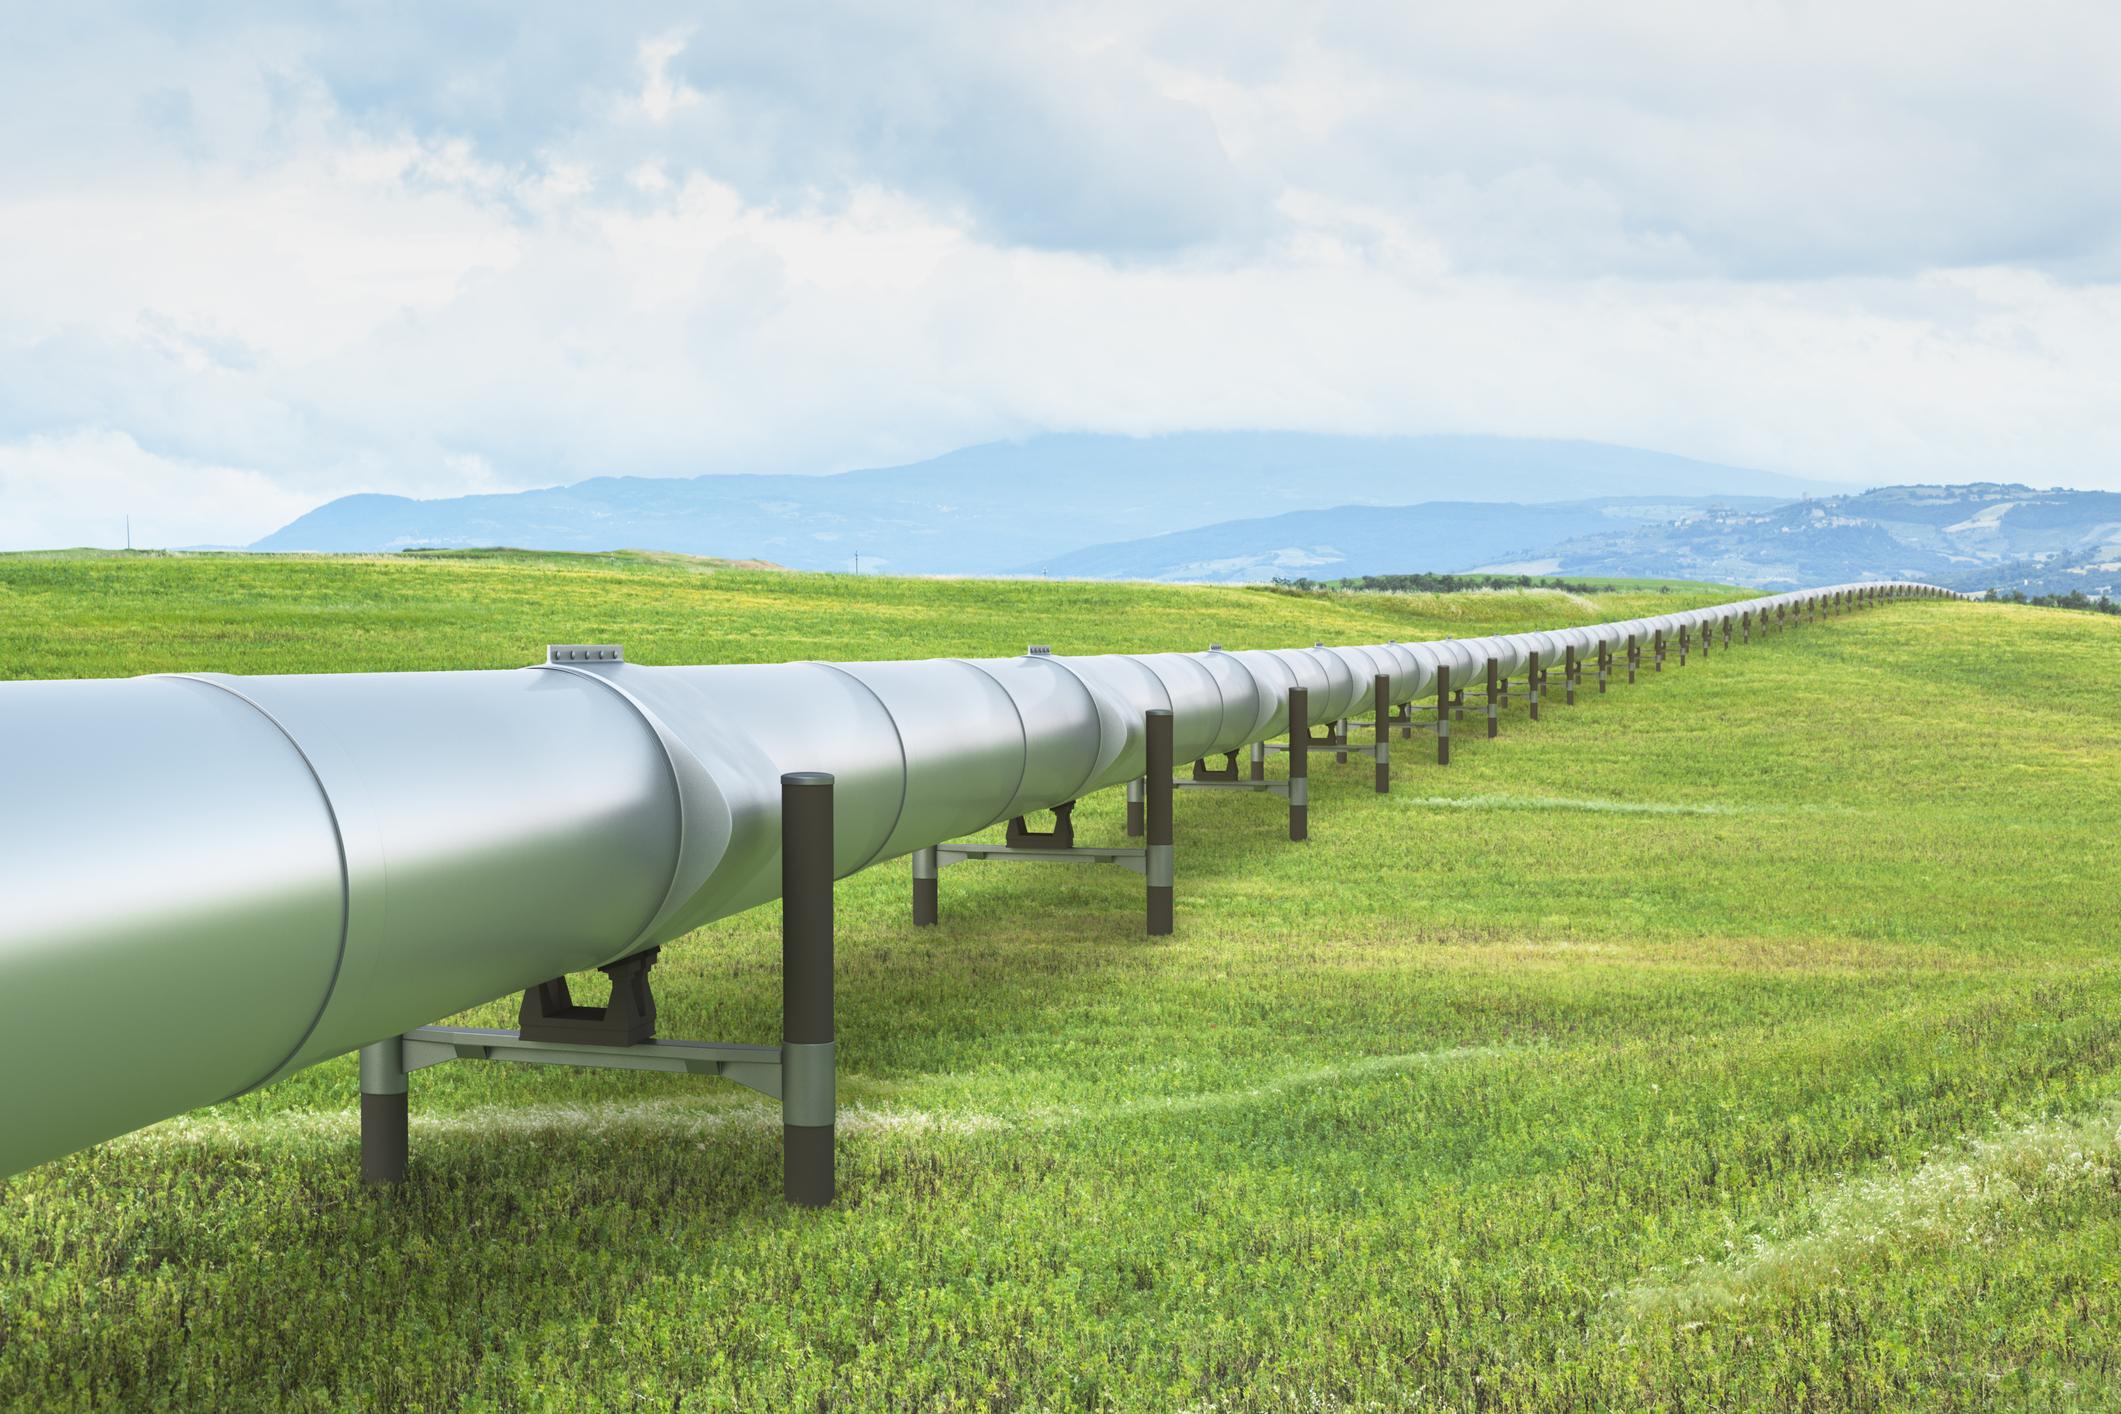 An oil pipeline in a green field.